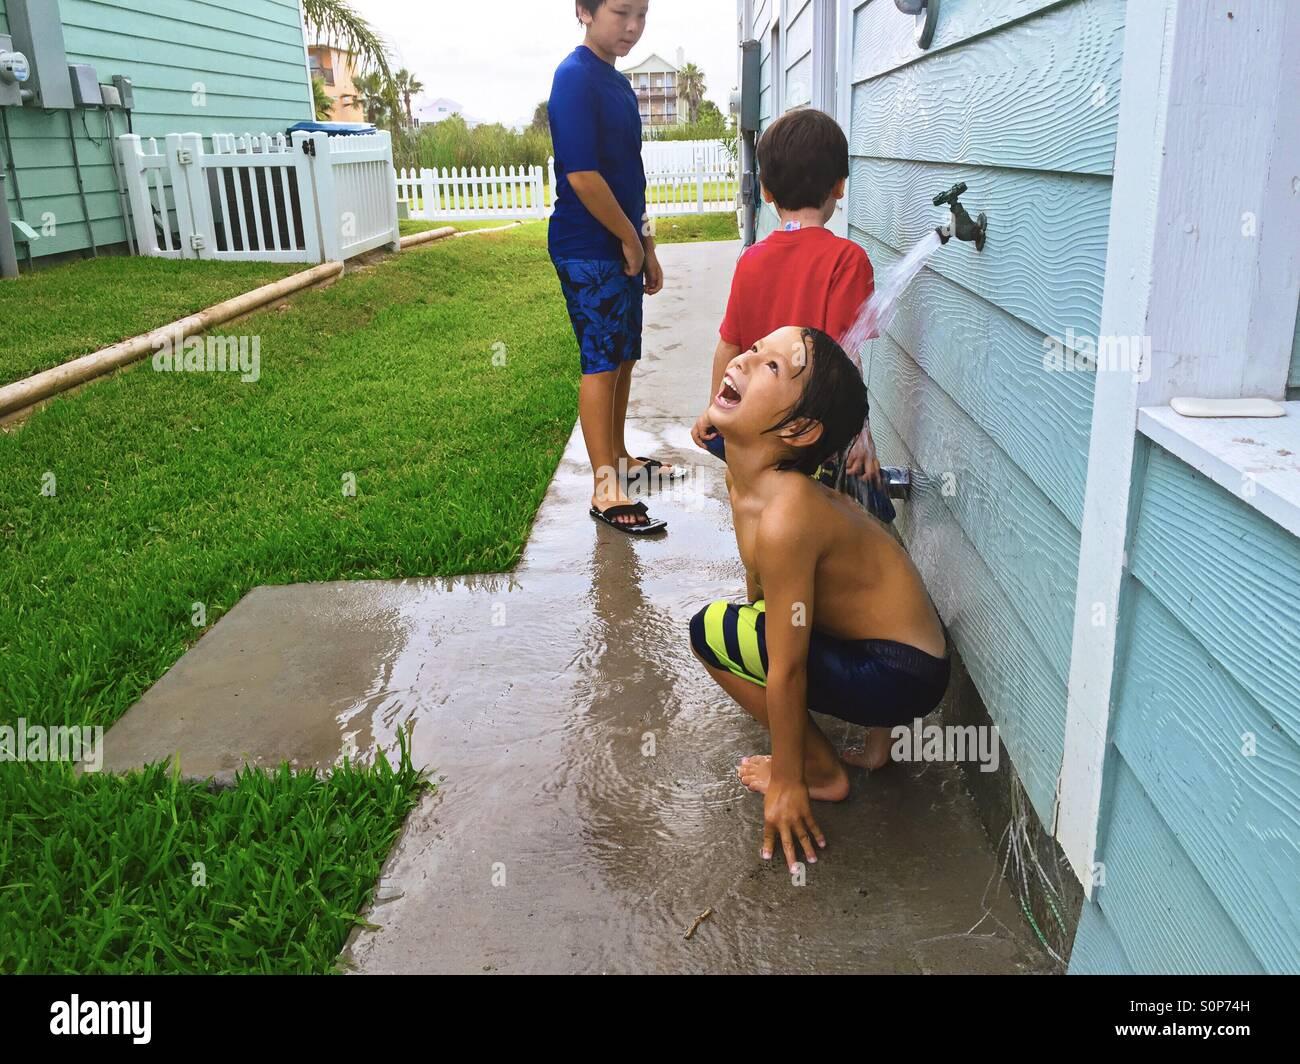 Los muchachos aclarándolo después de nadar. Jugando en el agua. Foto de stock